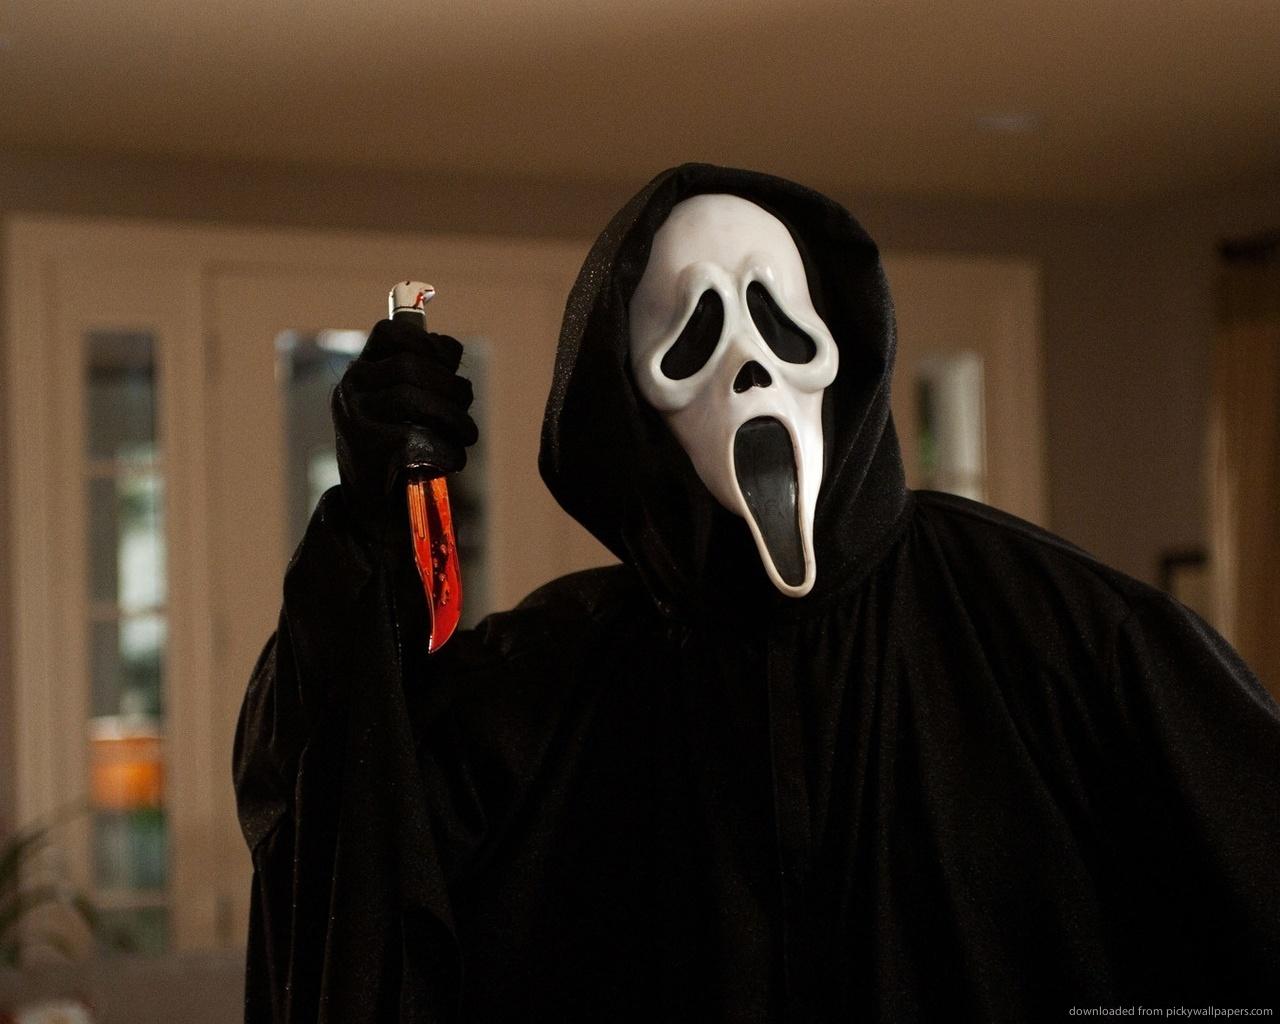 ghostface-in-scream